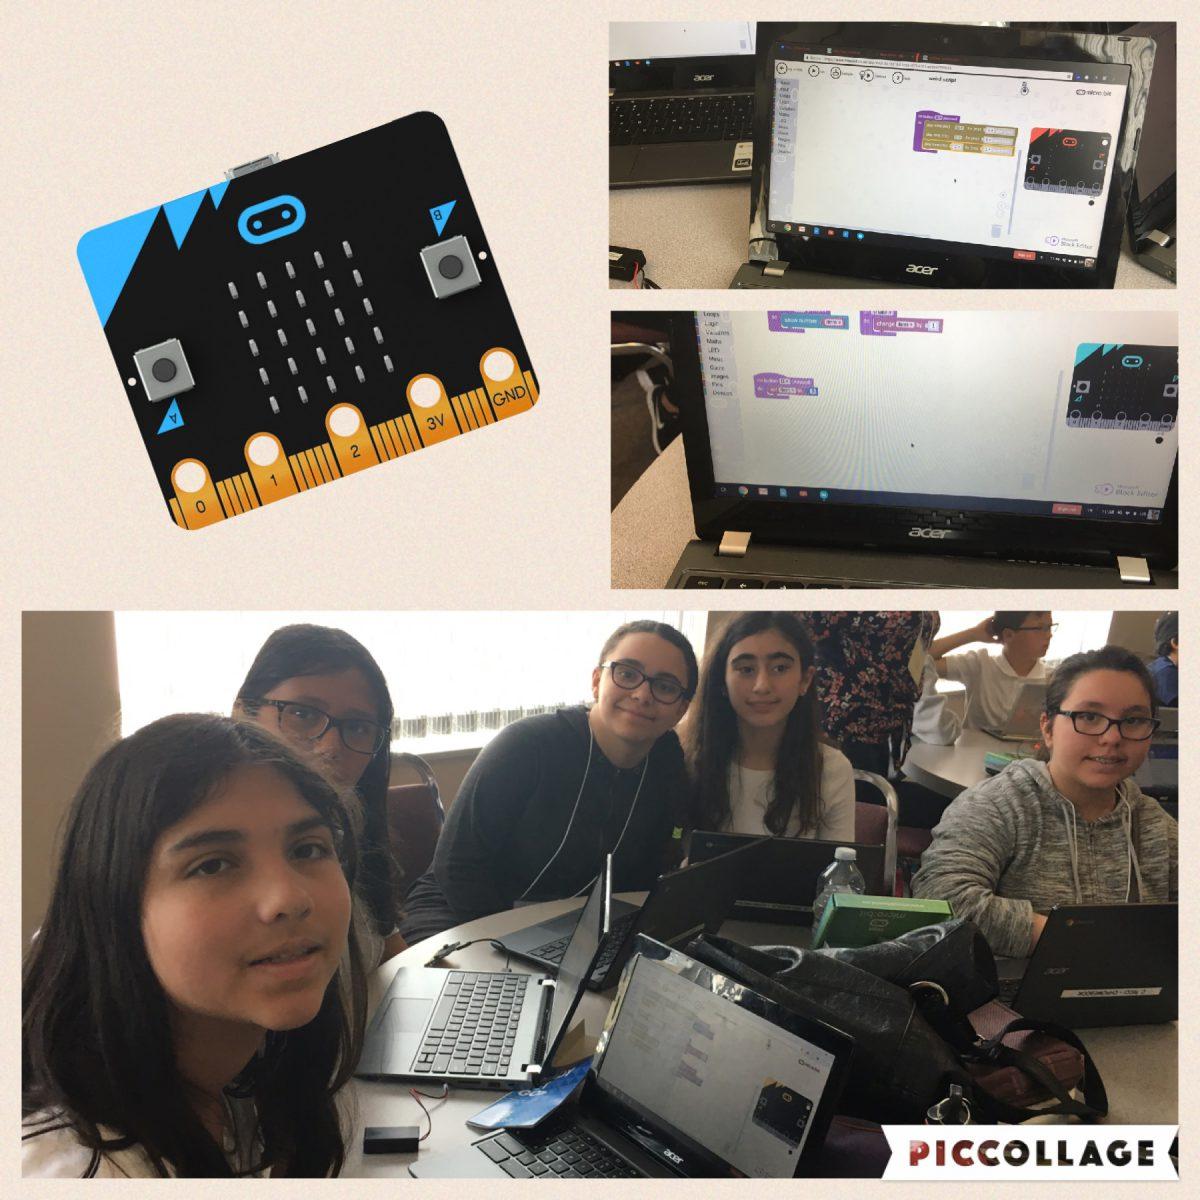 St. Peter's Tech Team attends StudentEdTech Day